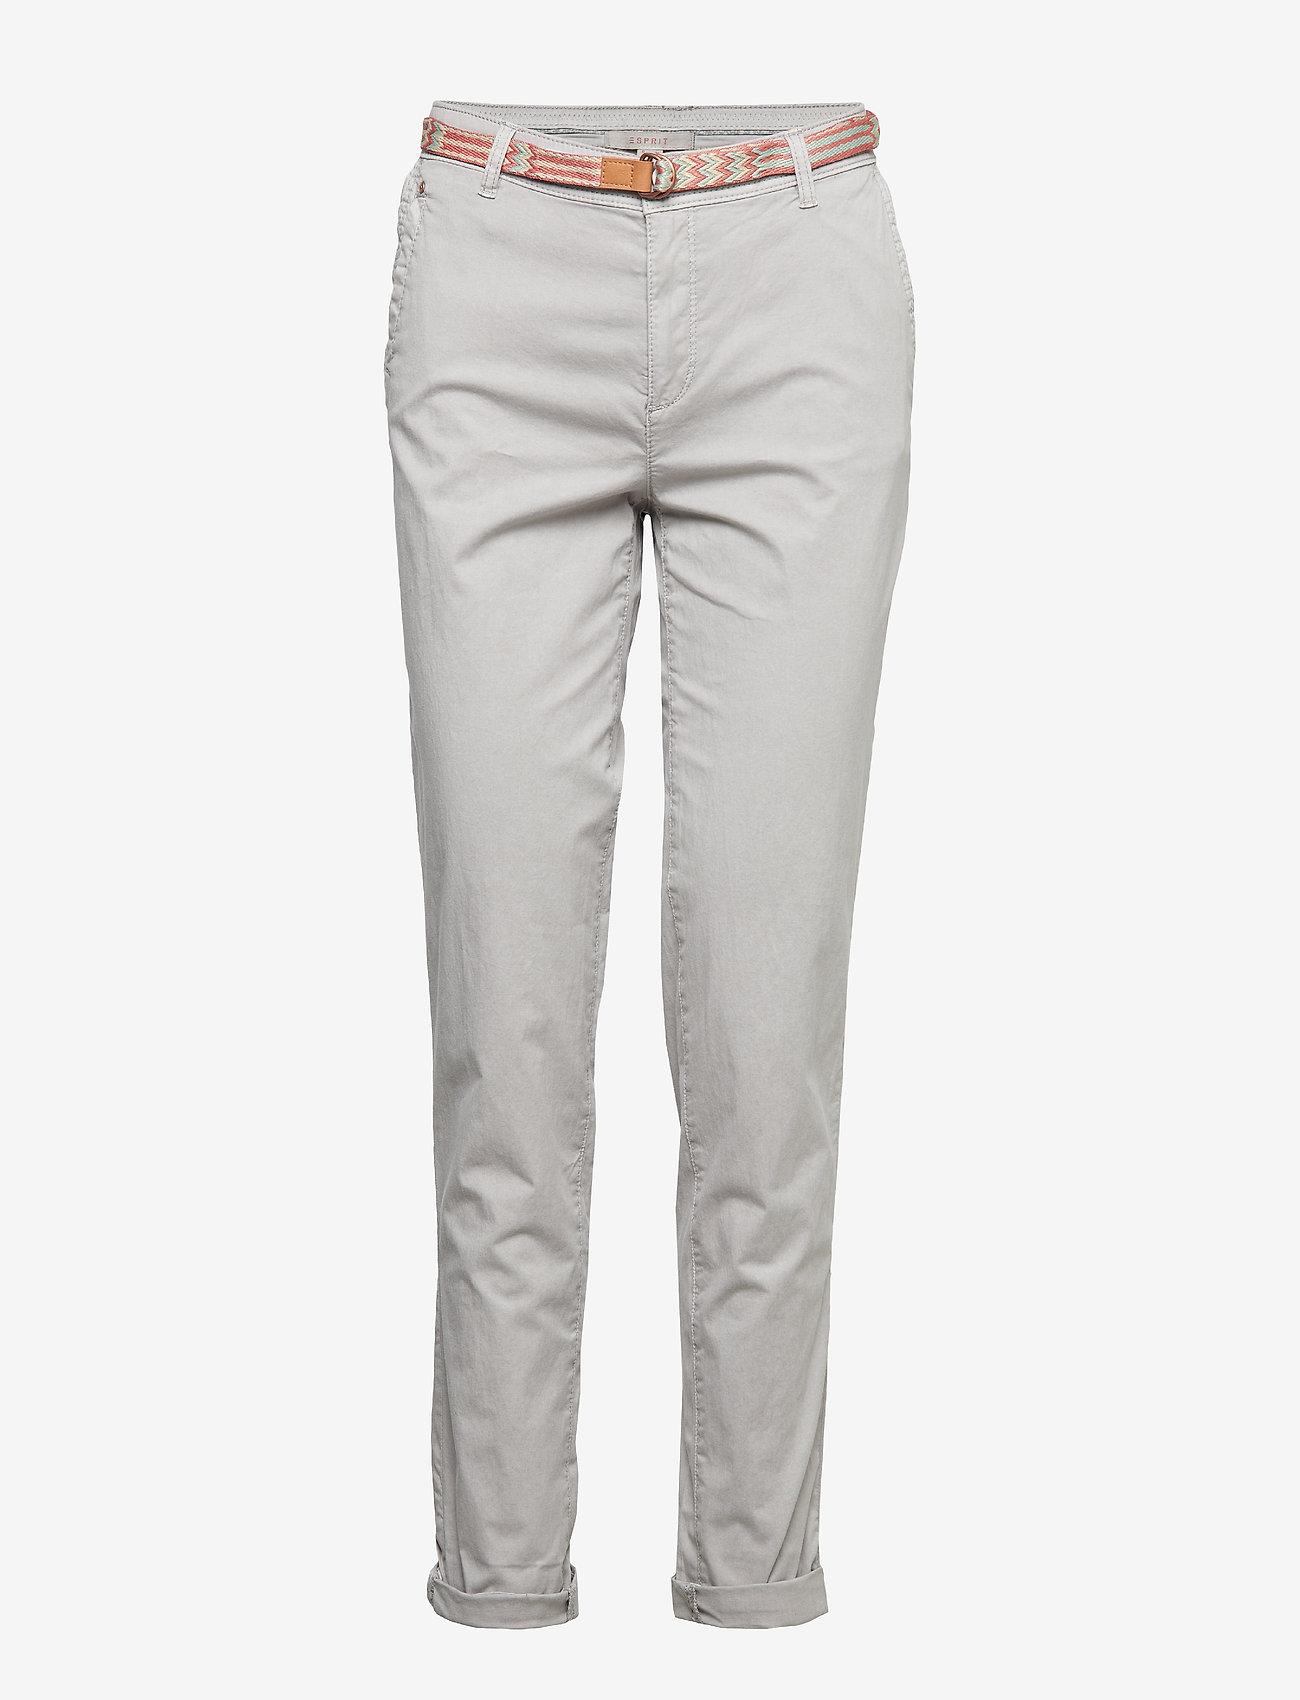 Esprit Casual - Pants woven - rette bukser - light grey - 0